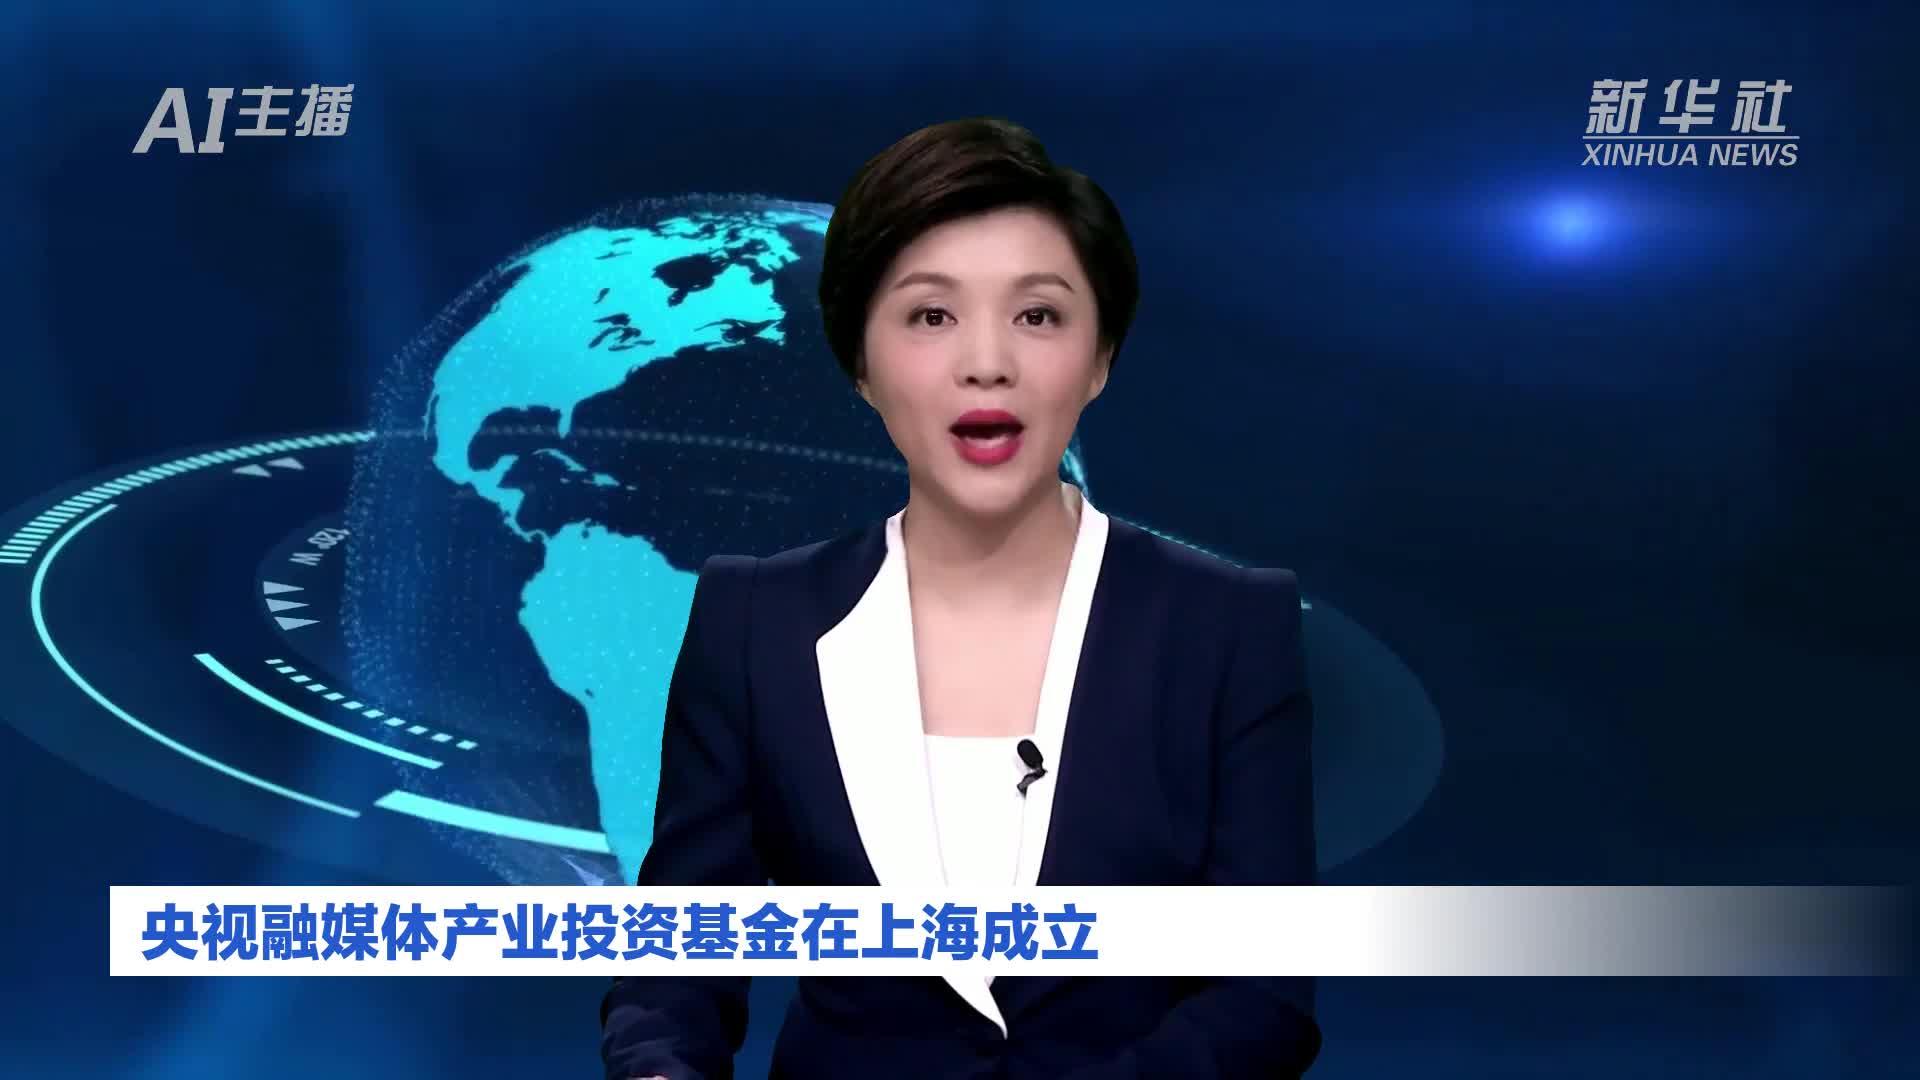 AI合成主播|央视融媒体产业投资基金在上海成立